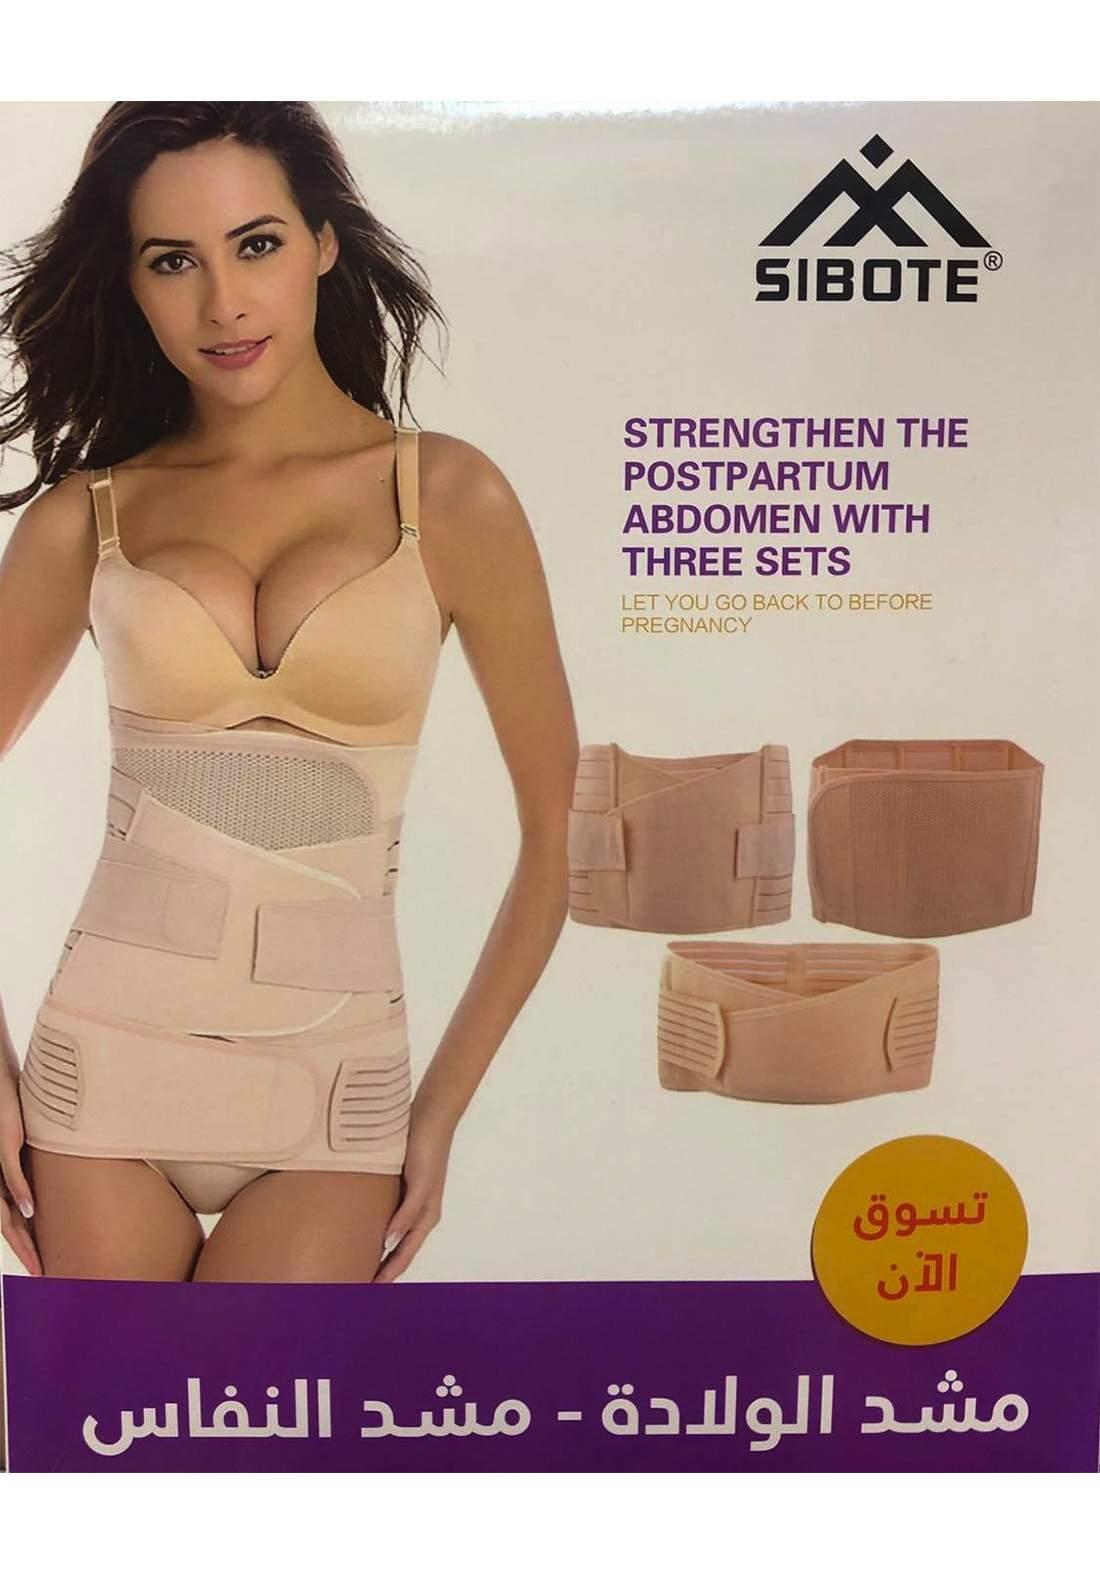 Sibote Strengthen The Postpartum Abdomen With Three Sets مشد النفاس الثلاثي التخلص من ترهلات البطن بعد الولادة